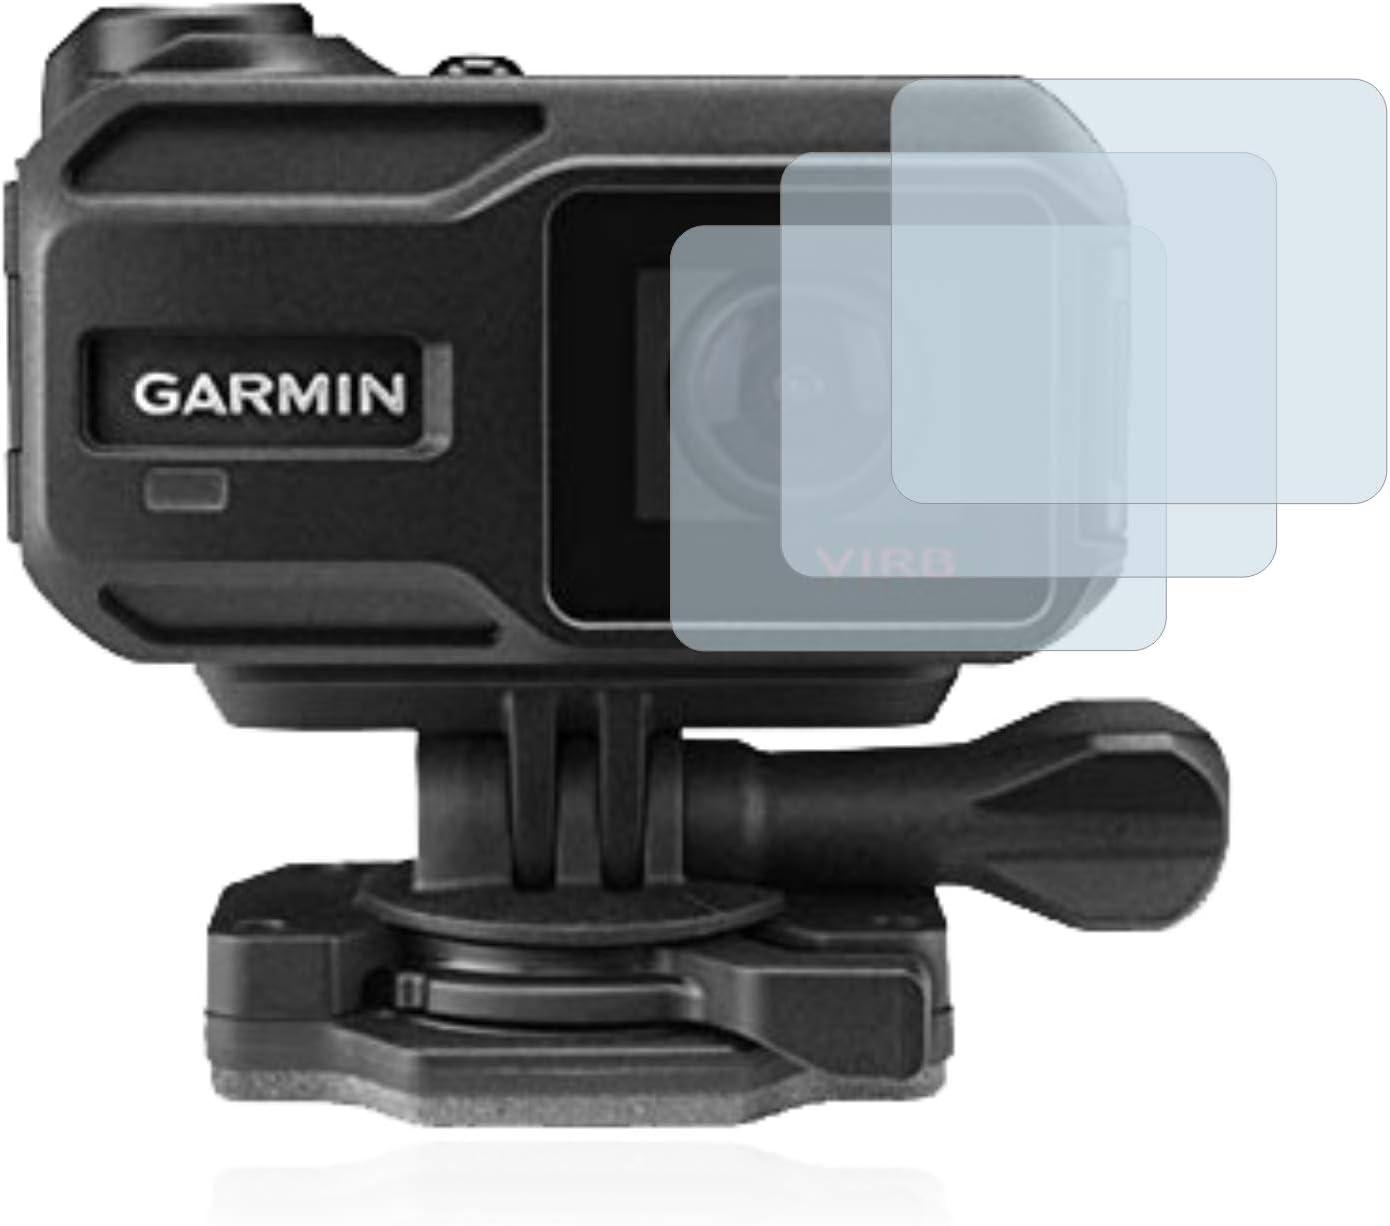 Lentille AirGlass Film Protecteur Vitre 9H Anti-Rayures 3 Pi/èces brotect Protection Ecran Verre Compatible avec Garmin Virb X